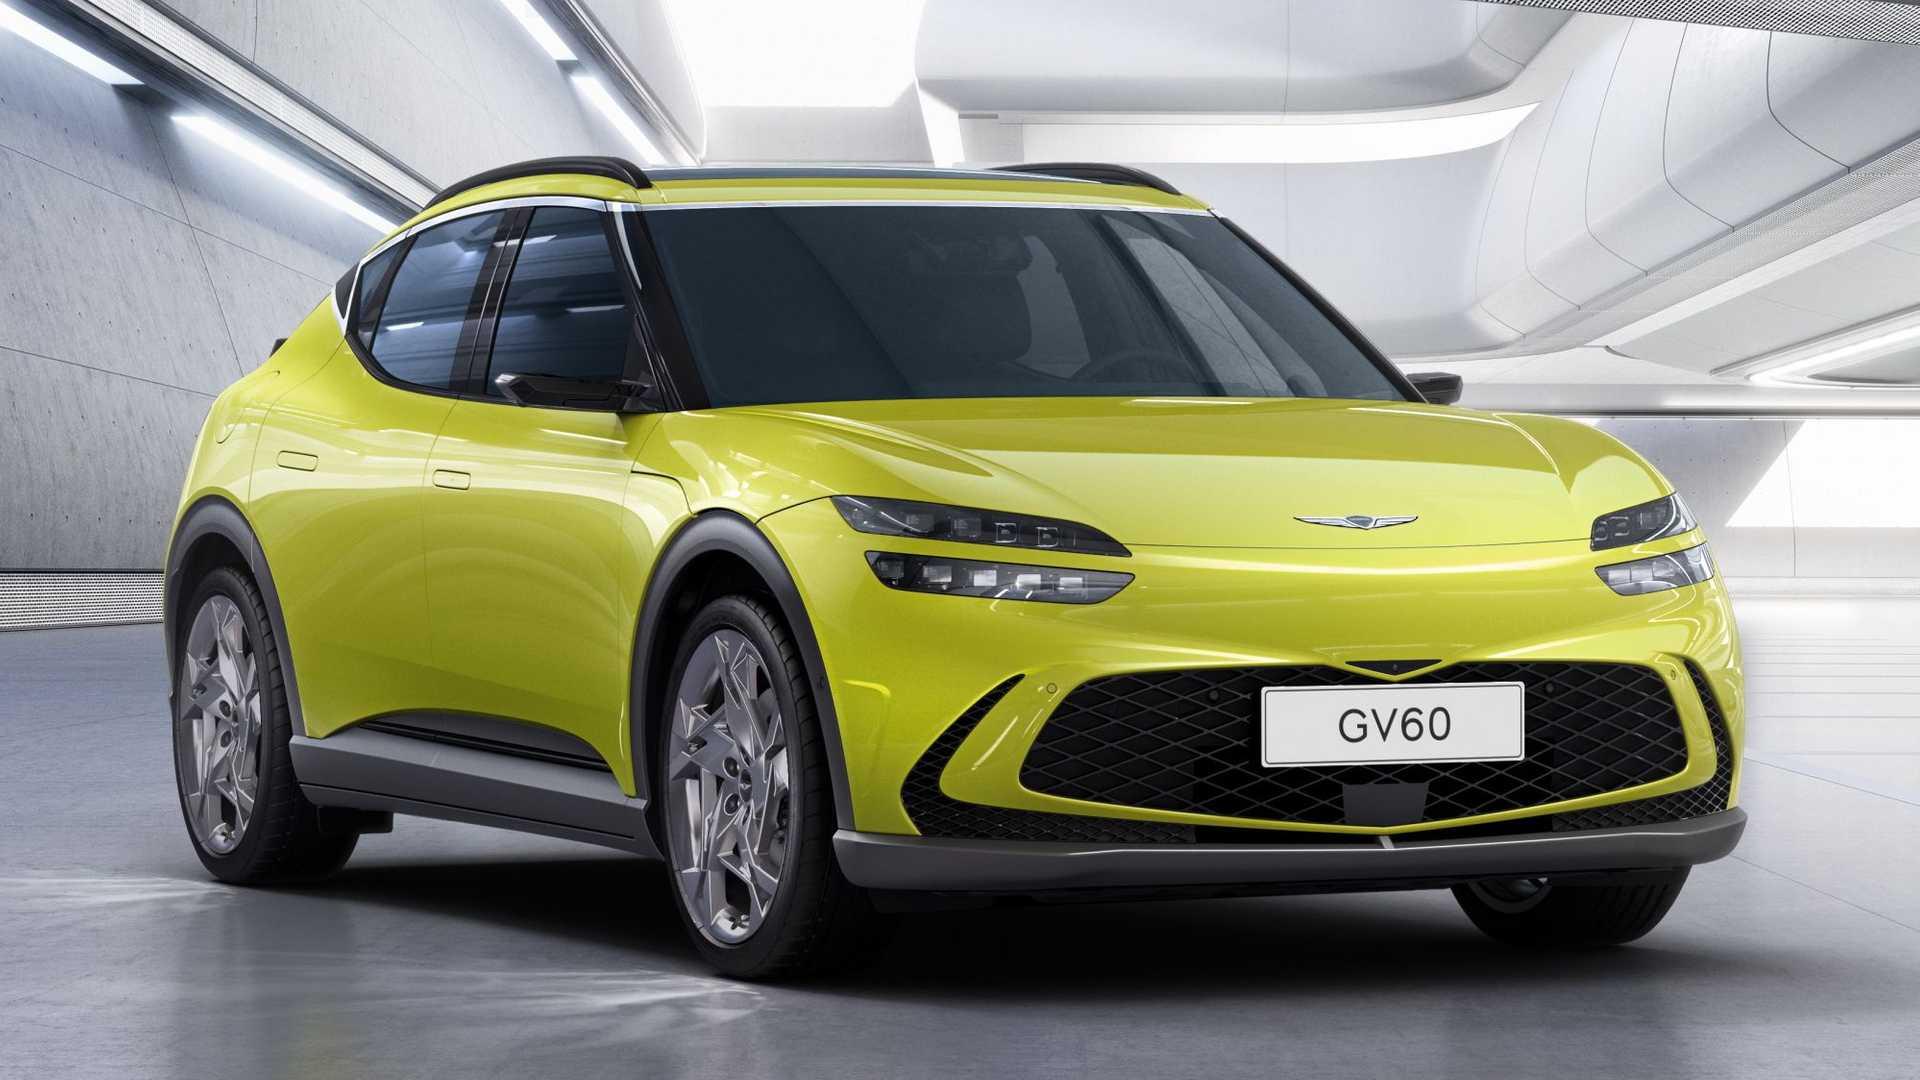 Hyundai Ioniq 5 был первым электрокаром марки на новой глобальной модульной платформе корейского производства. Следом, спустя всего несколько недель, Kia выпустила EV6 на той же архитектуре. Теперь Genesis GV60 завершает трио.